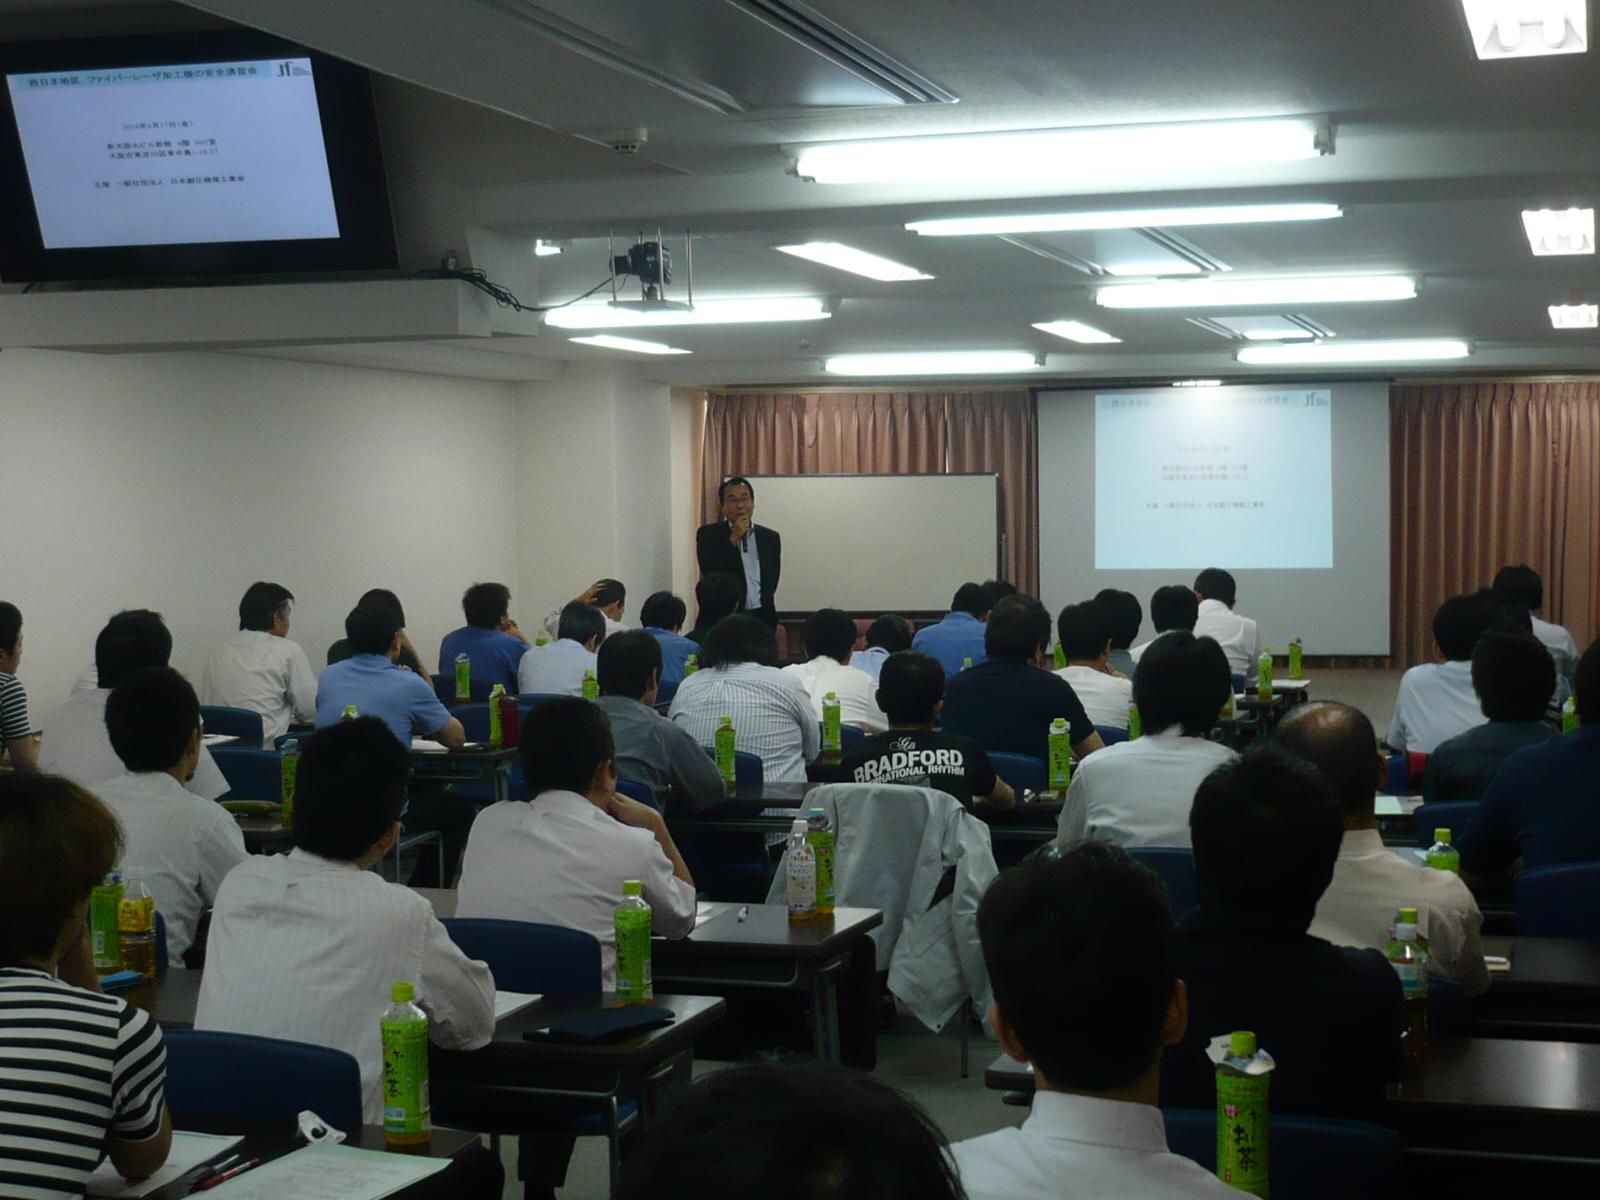 ファイバーレーザ加工機の安全講習会